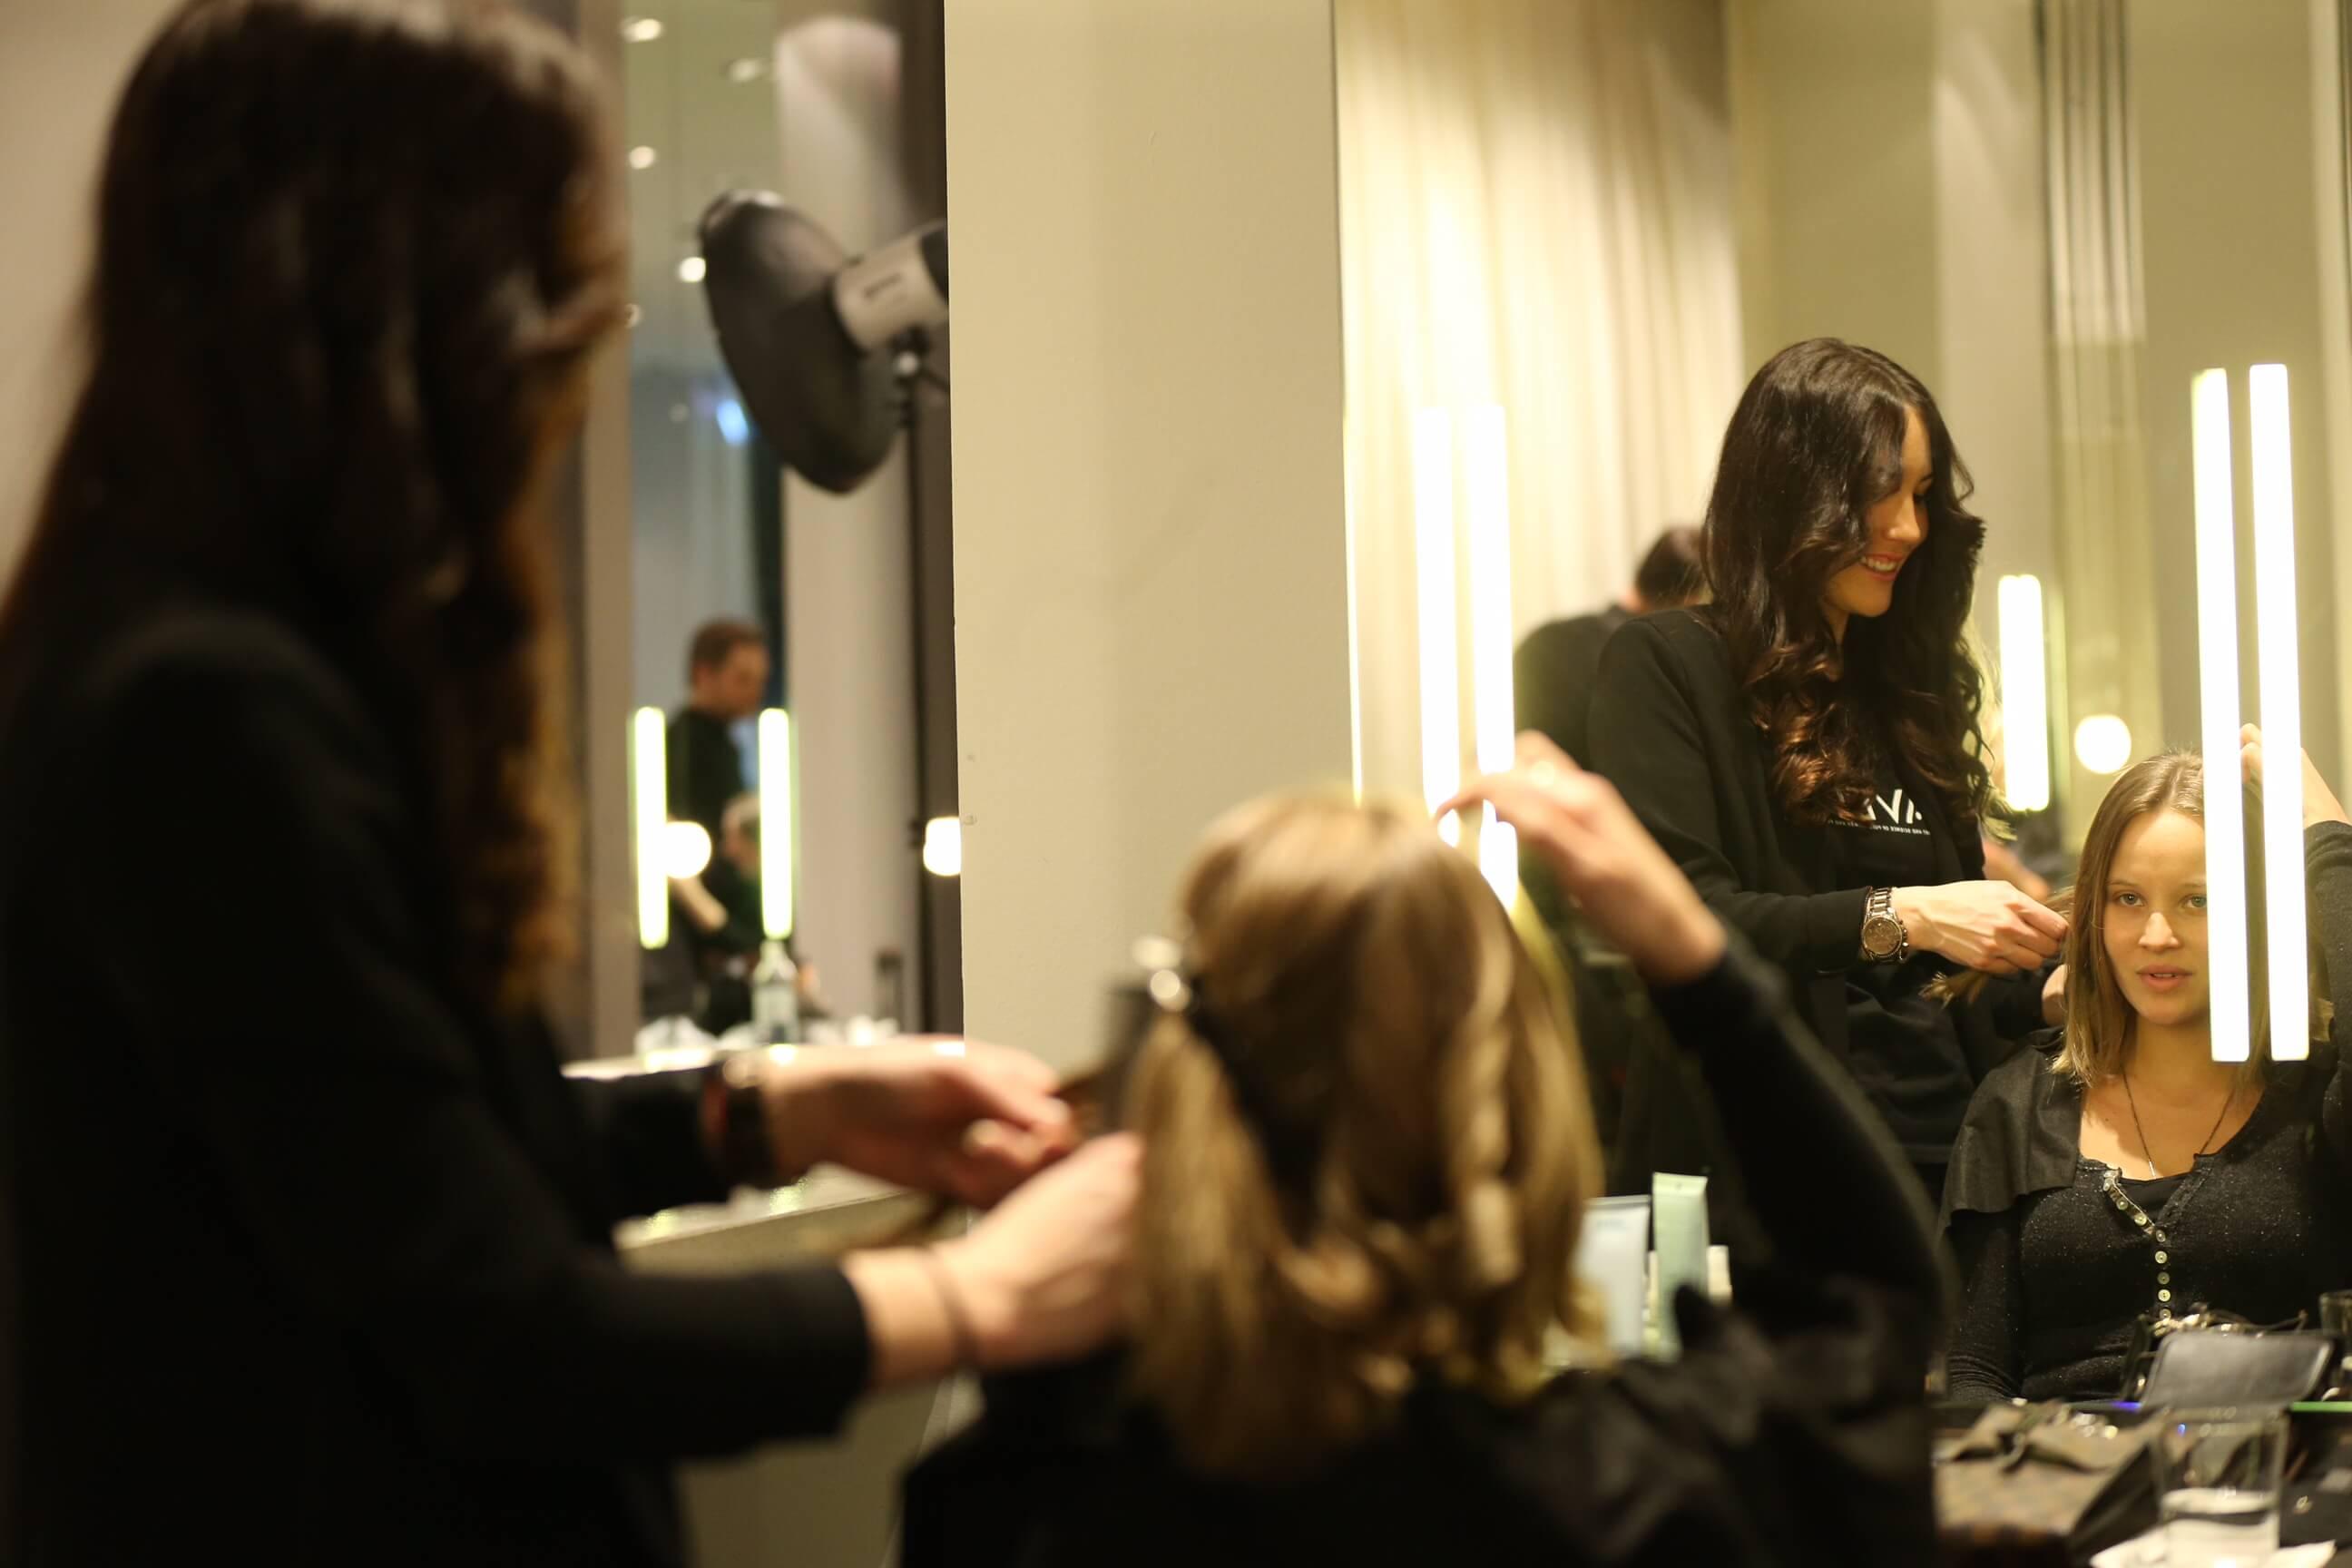 Sonja Gerhardt AVEDA Beauty Lounge am Gendarmenmarkt im Rahmen der PLACE TO B Party im Rahmen der BERLINALE / 66. Internationale Filmfestspiele Berlin / 66th International Film Festival in Berlin am 13.02.2016 (c.)PEOPLEFOTOGRAF MARKO GREITSCHUS